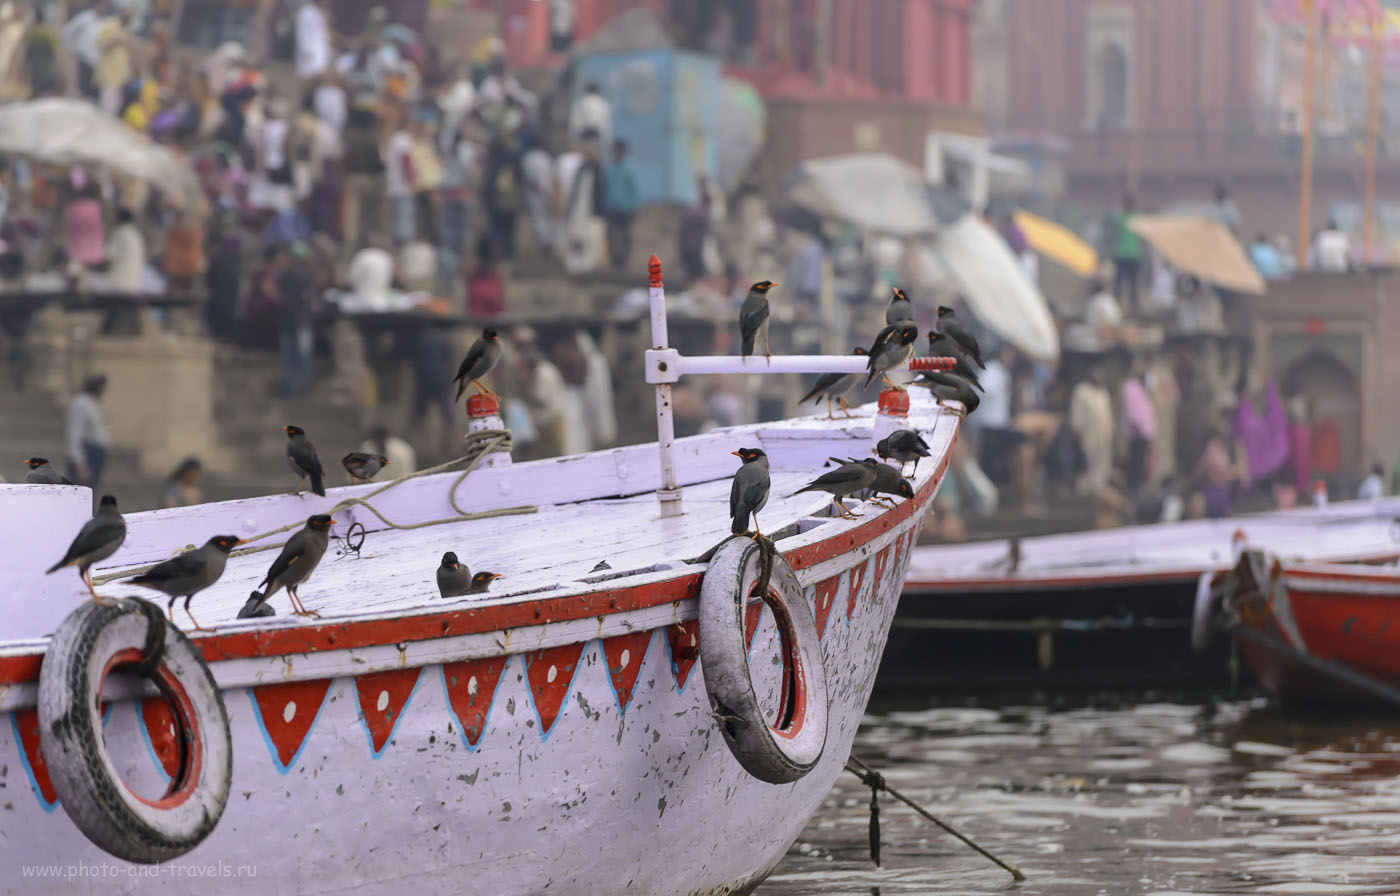 Фото 19. Скворцы Майна на лодке в Варанаси. Тур в Индию самостоятельно. 1/500, 4.8, 1250, 140.